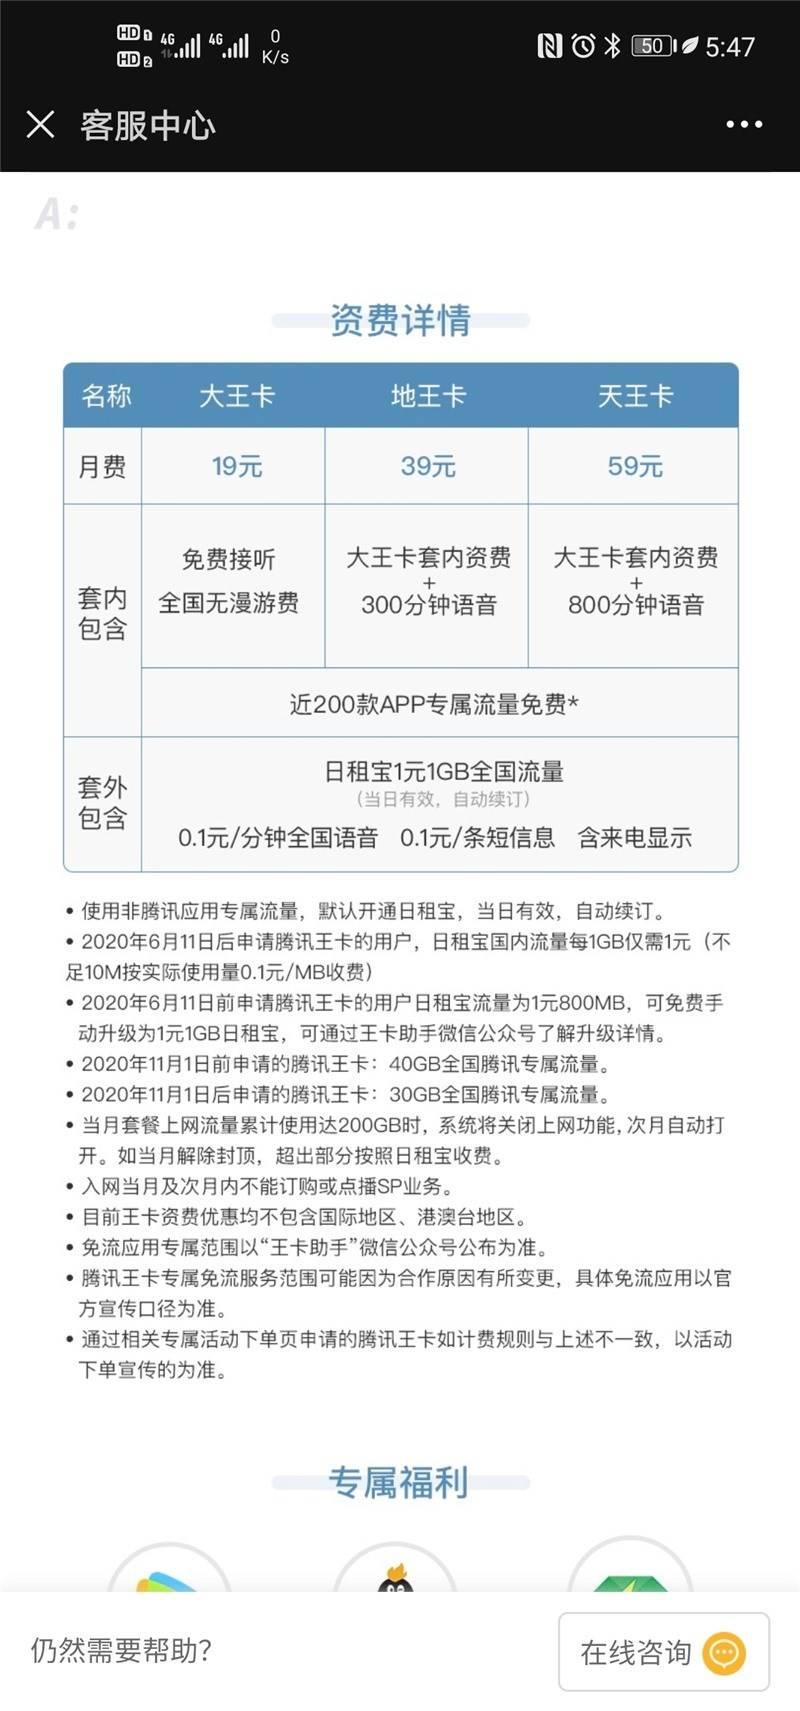 【变了,腾讯王卡 11 月起新申请用户全国腾讯专属流量降至 30GB】